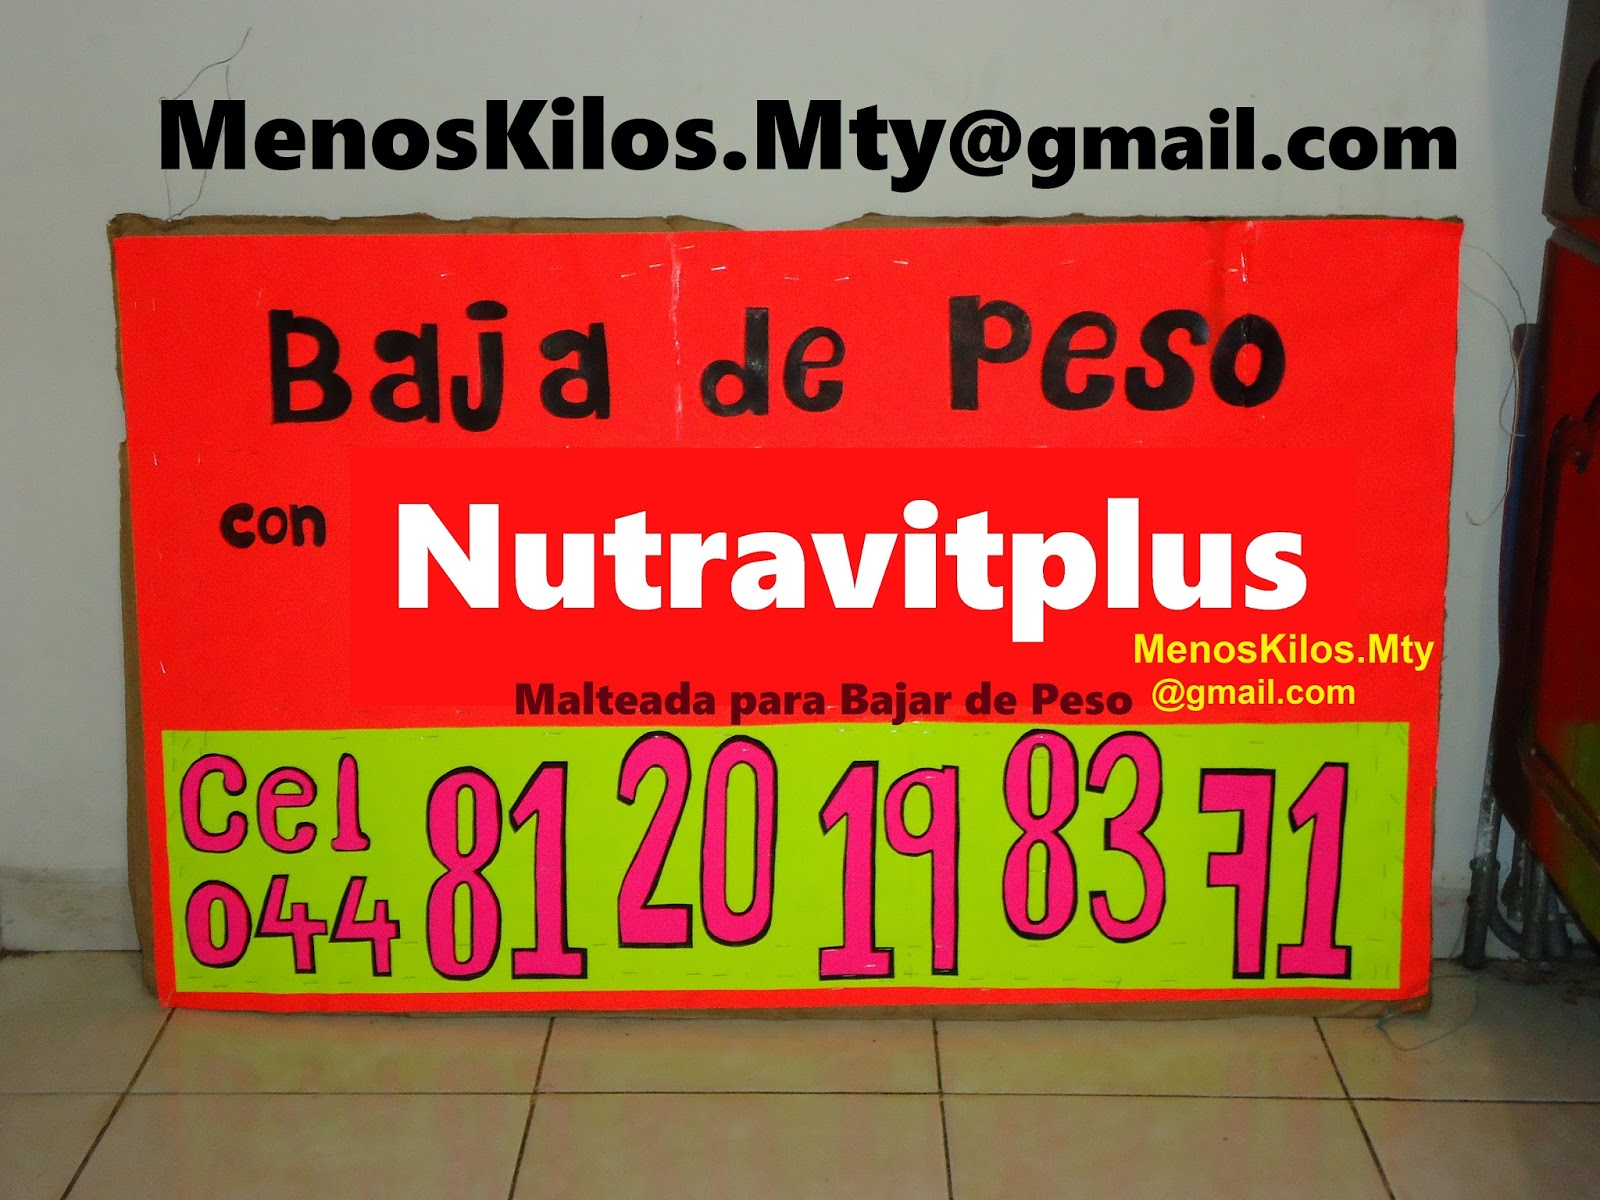 obesan diet pills